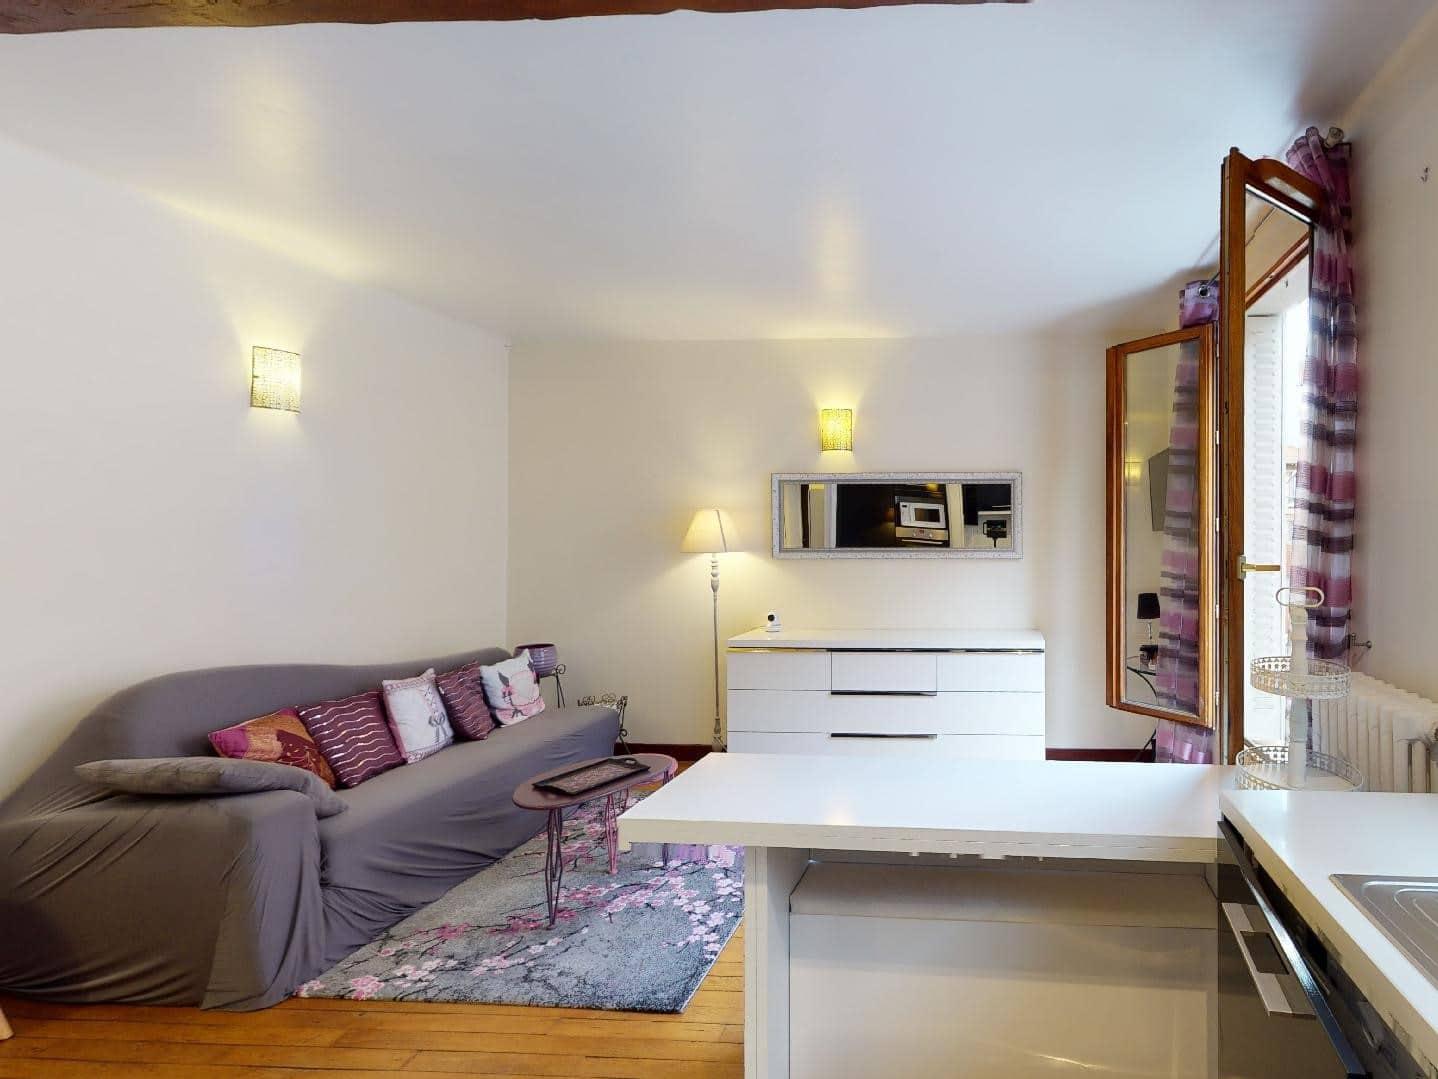 agence alfortville: 2 pièces 35 m², joli séjour meublé avec goût, cuisine ouverte